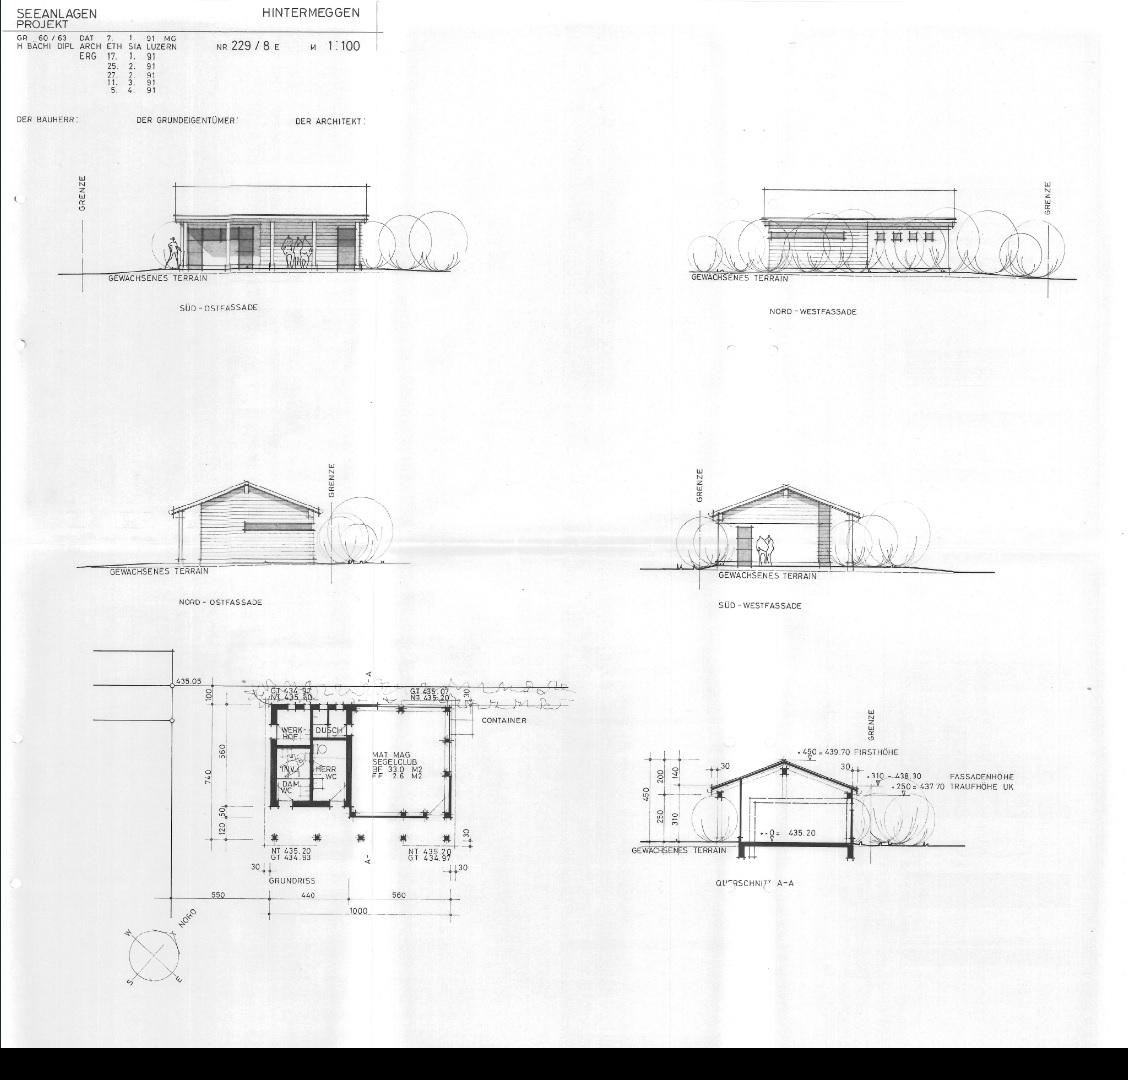 Historisch: Planung 1991 Übersicht – H. Bächi